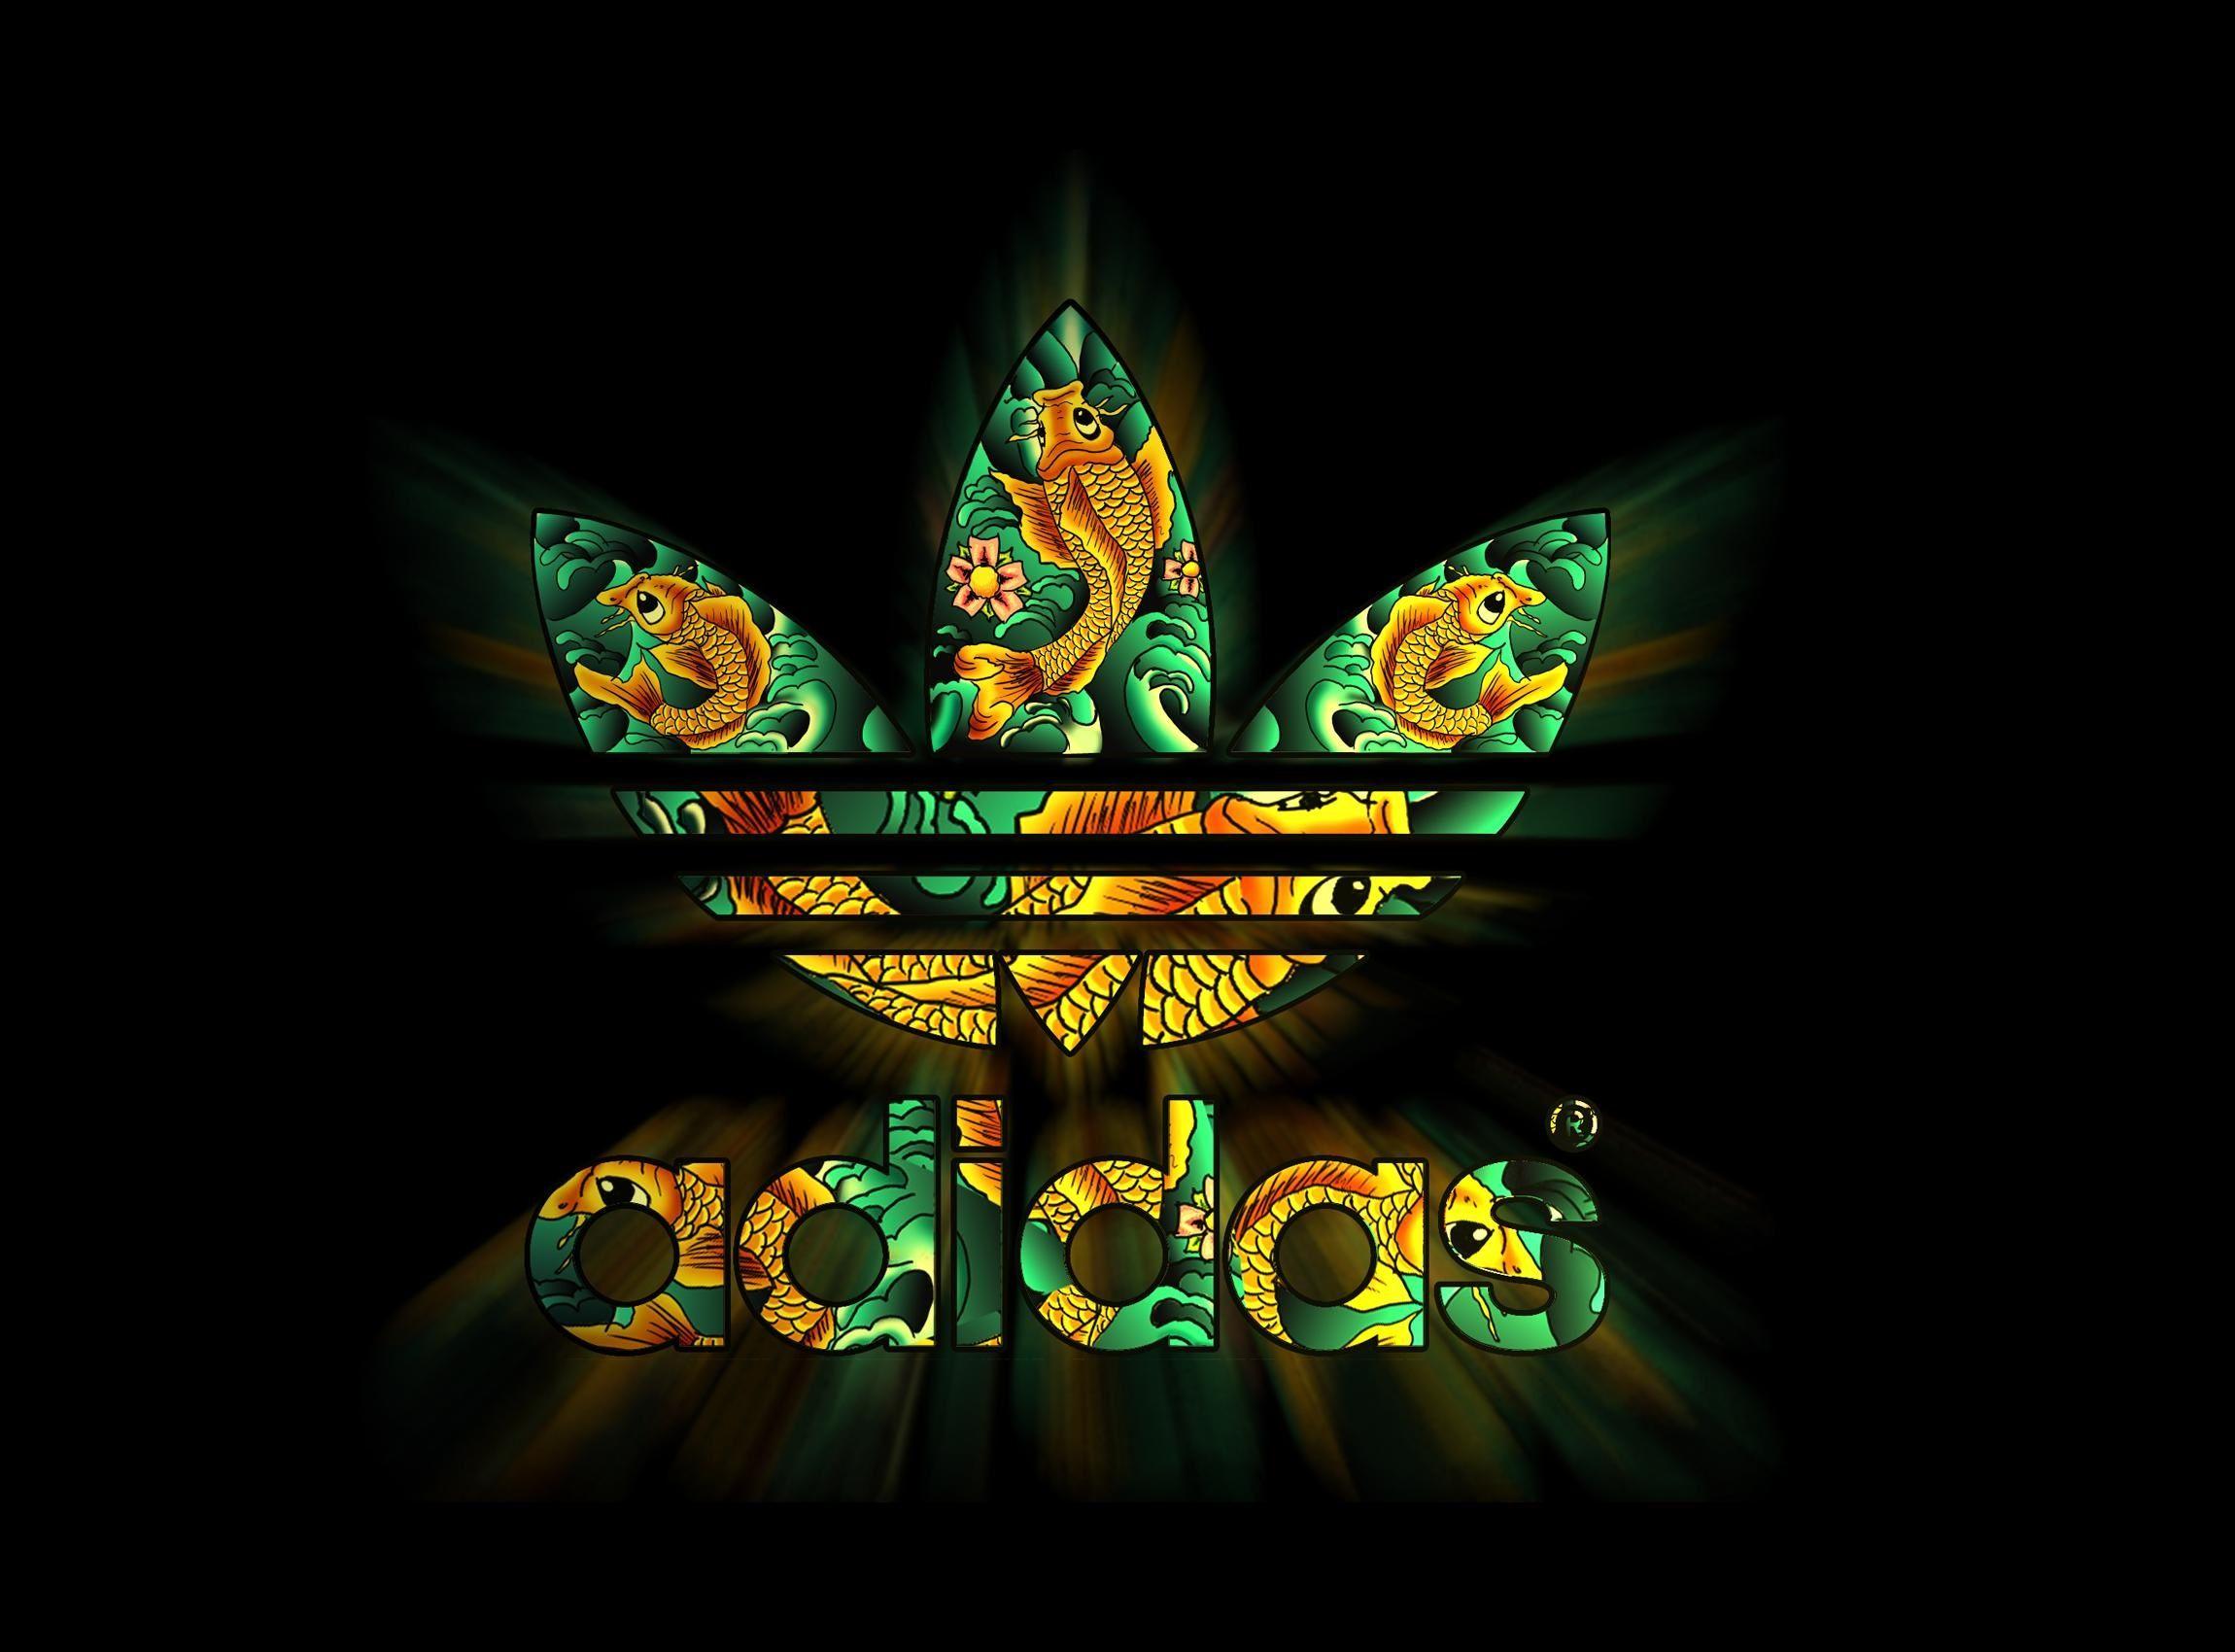 ADIDAS Adidas logo wallpapers, Adidas wallpapers, Adidas